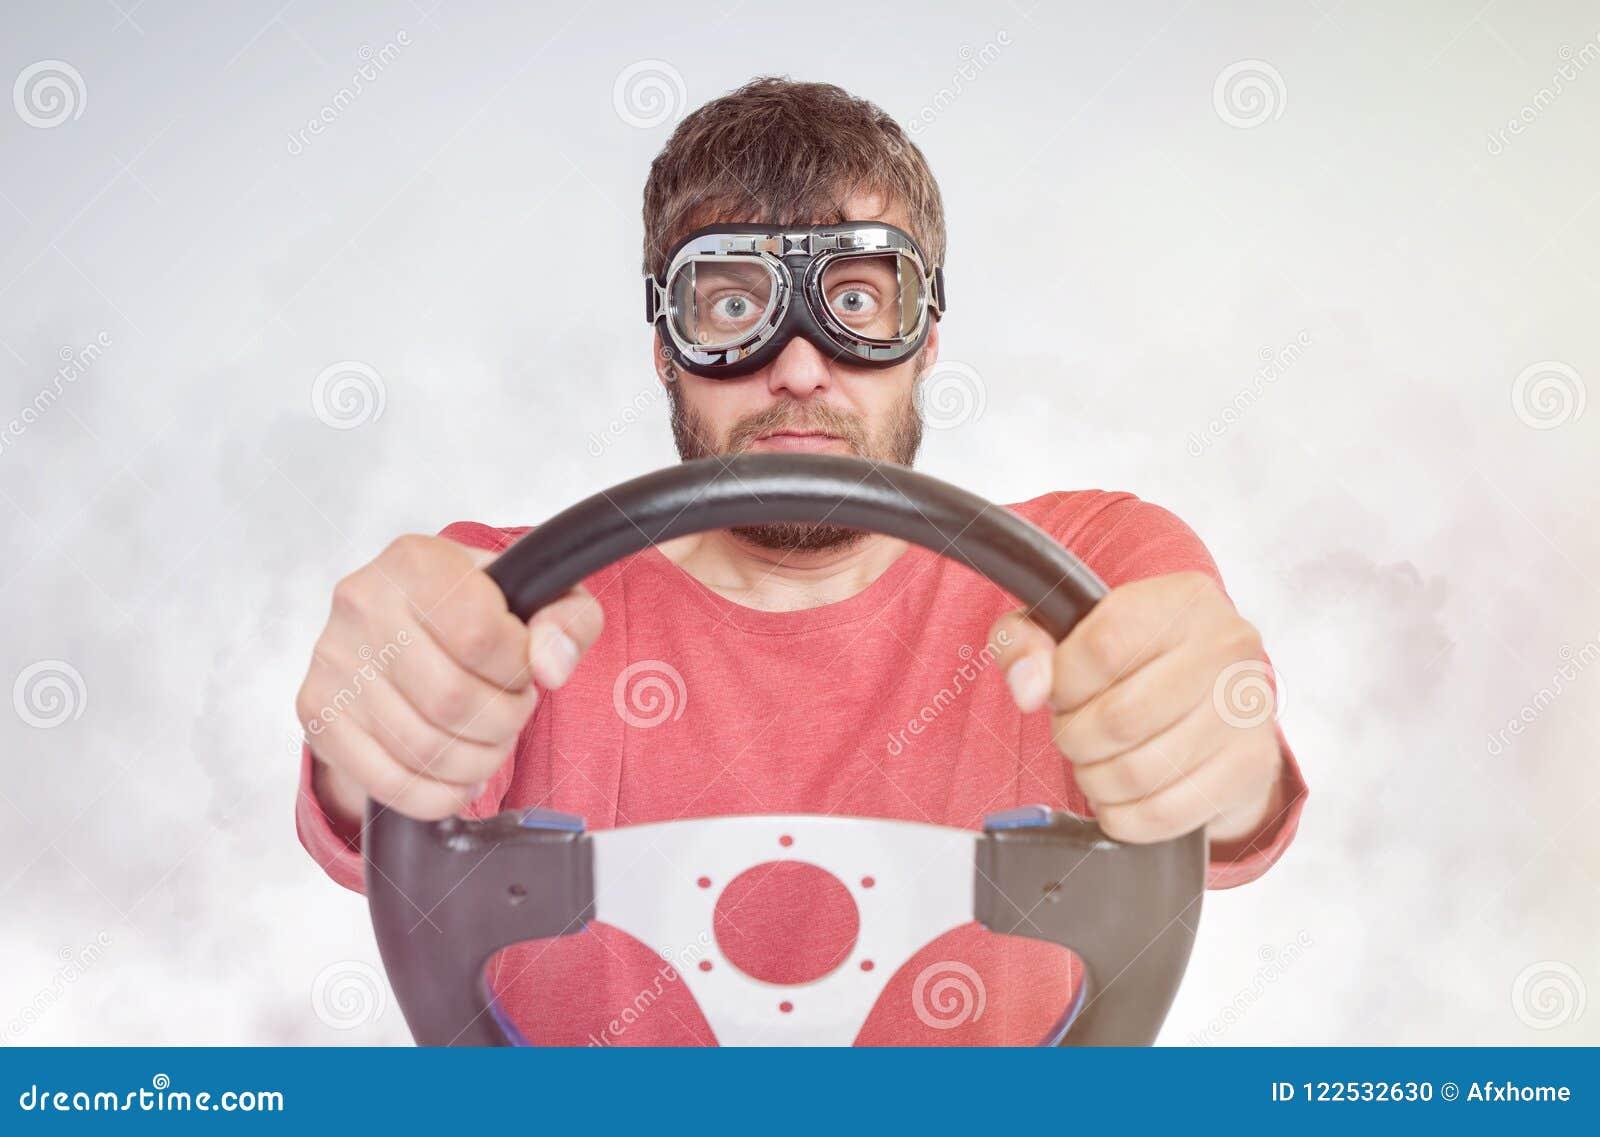 Gebaarde mens in modieuze beschermende brillen met stuurwiel op rookachtergrond, het concept van de autobestuurder